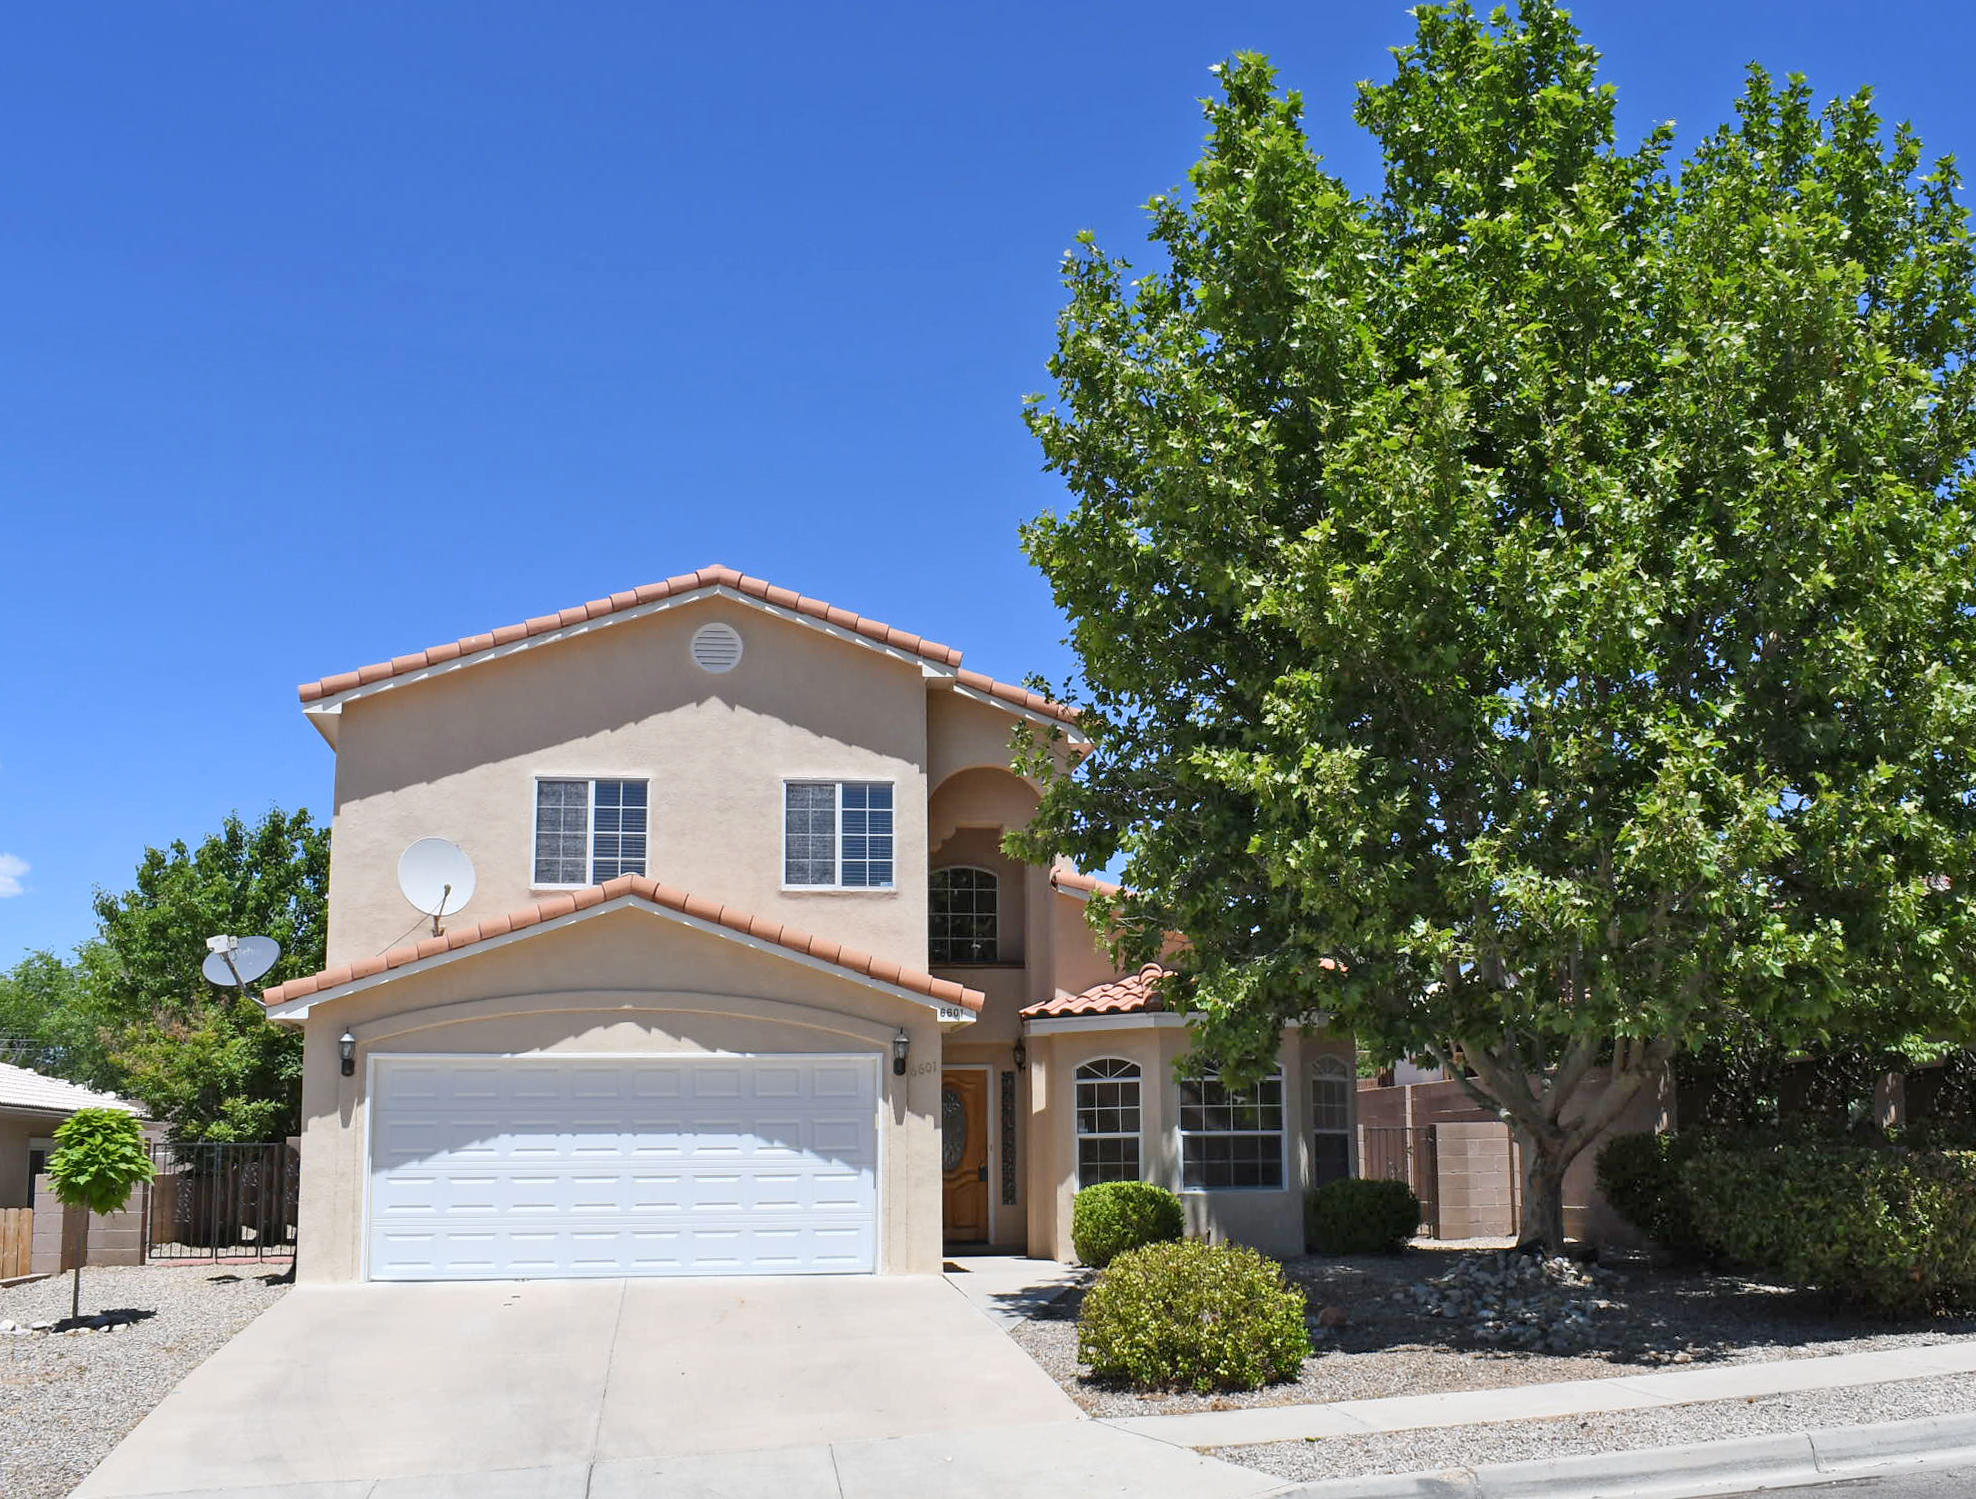 6601 SONRISA Place NE, Albuquerque, NM 87113 - Albuquerque, NM real estate listing